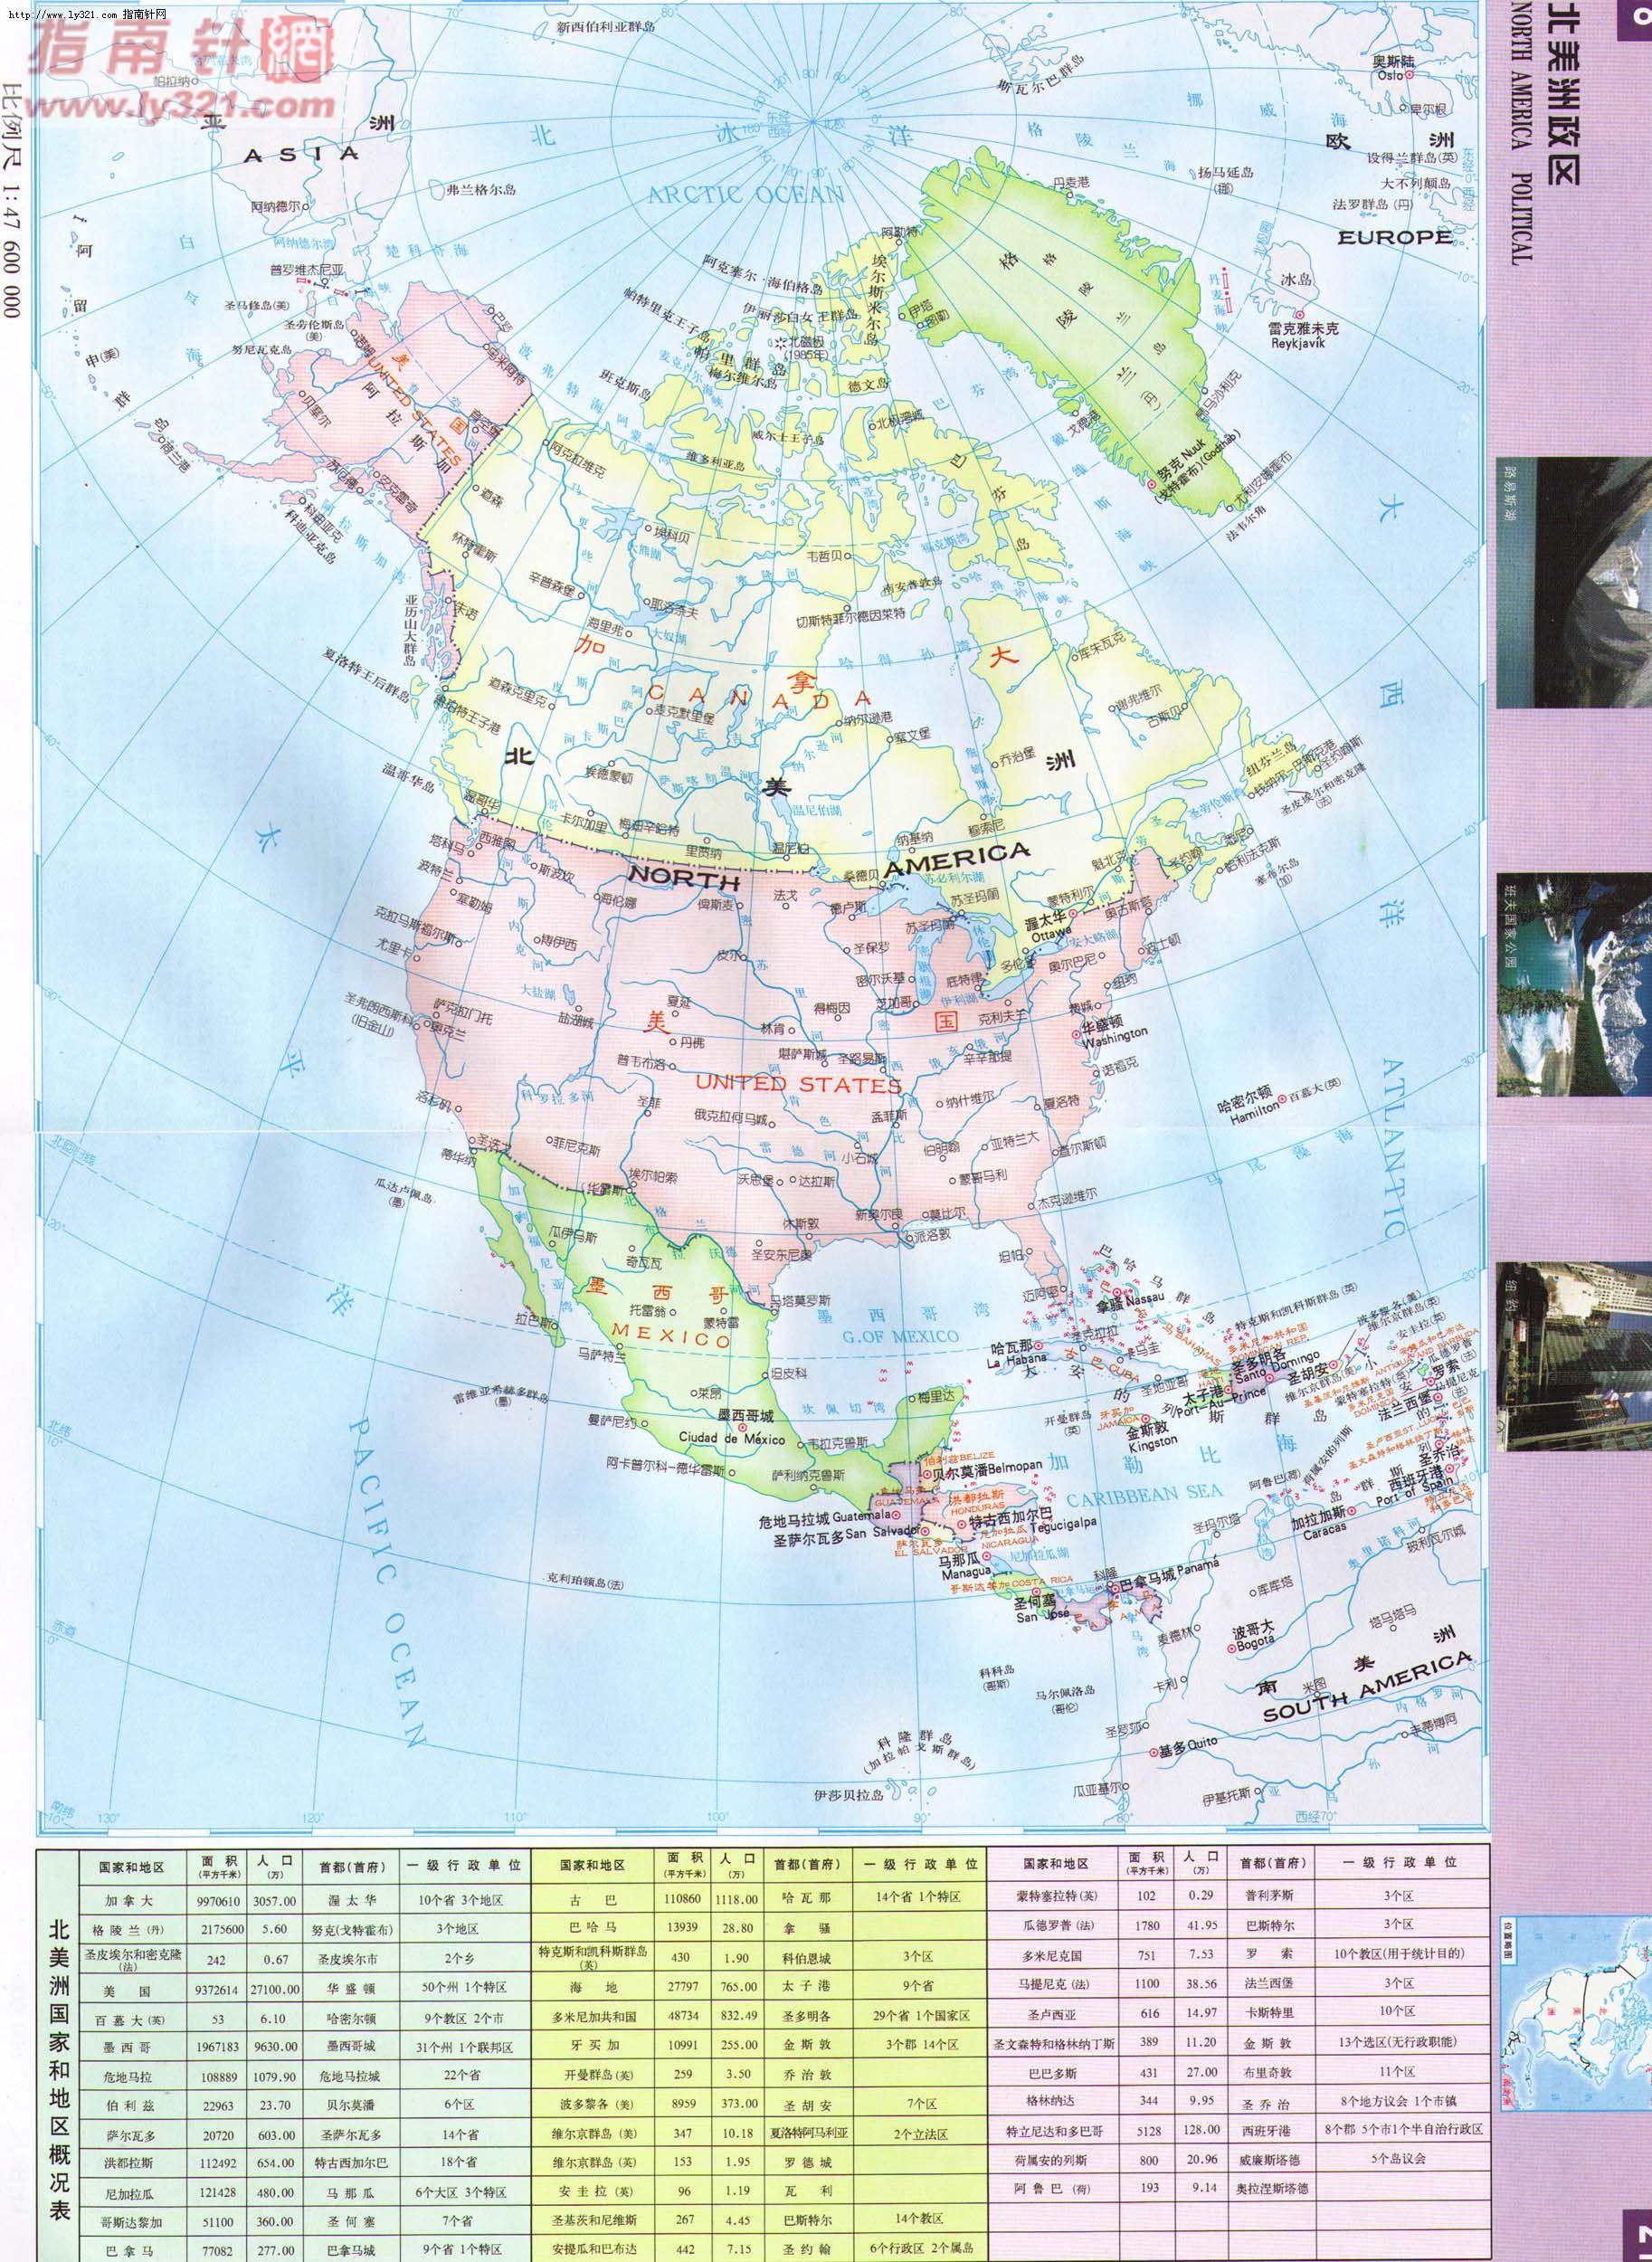 北美洲地图_北美洲地图查询